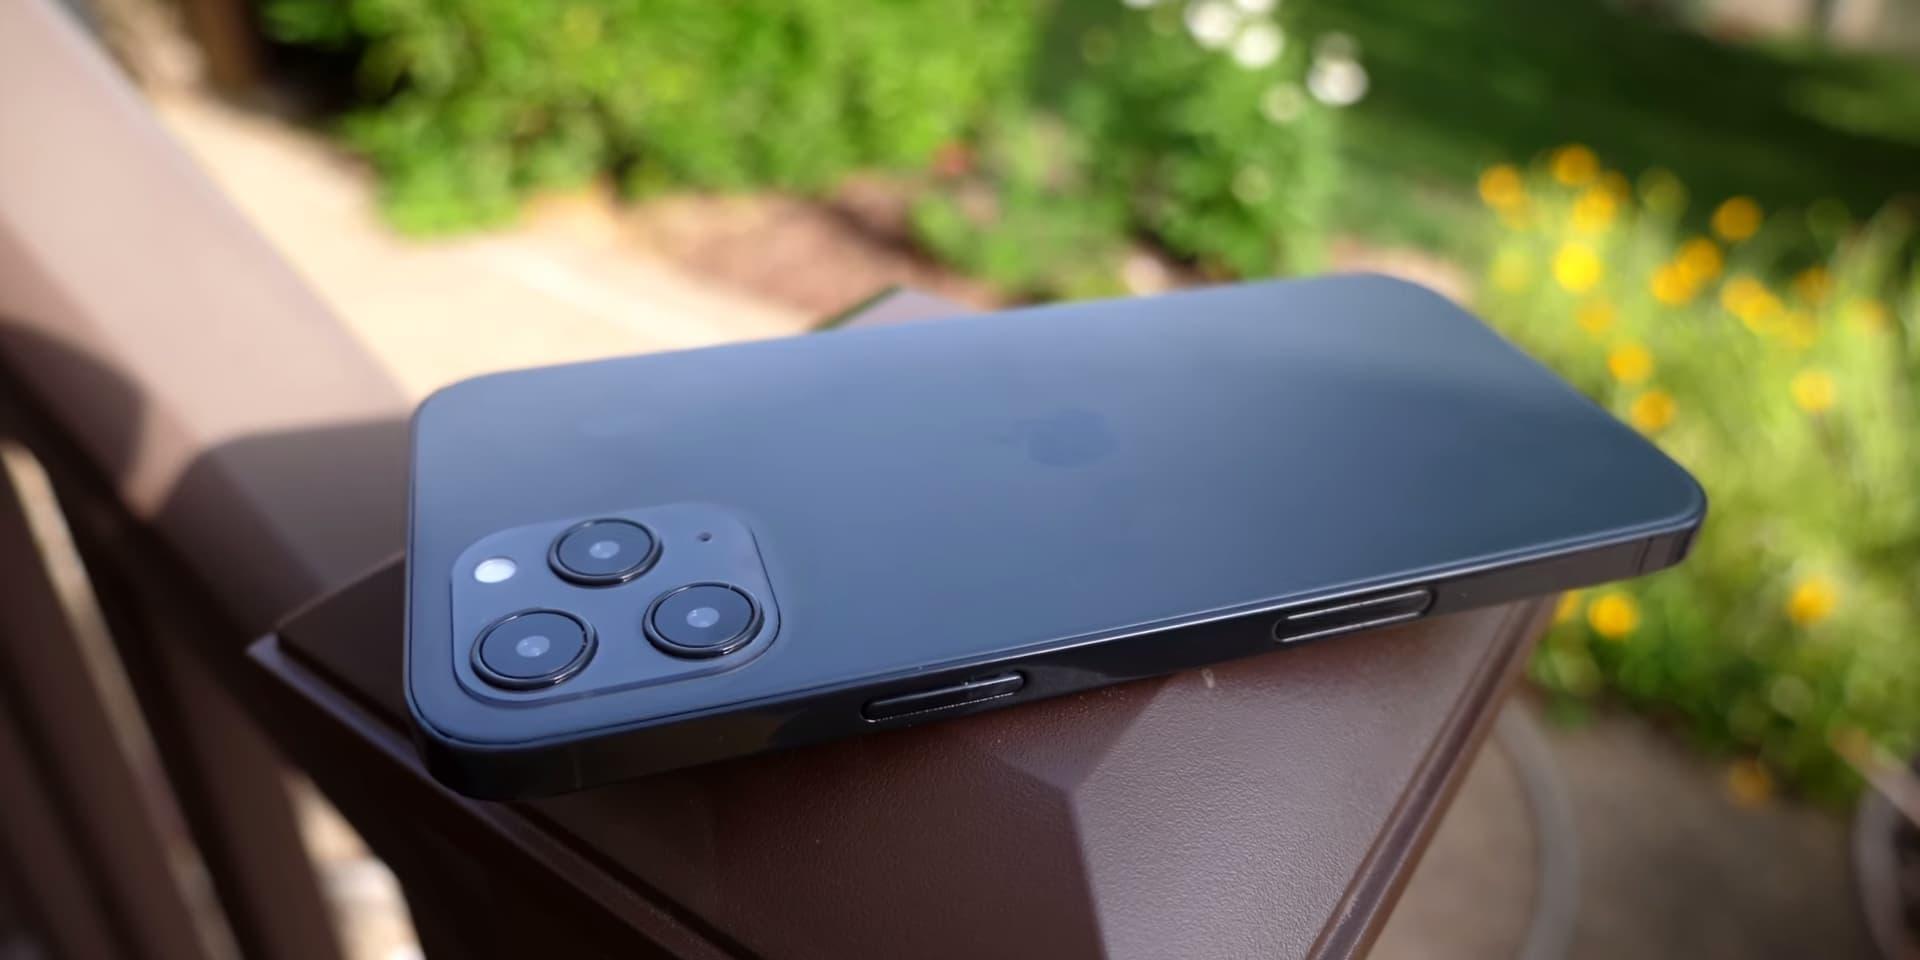 蘋果 iPhone 12 實機模型再度曝光,三款尺寸外觀近距離搶先看2